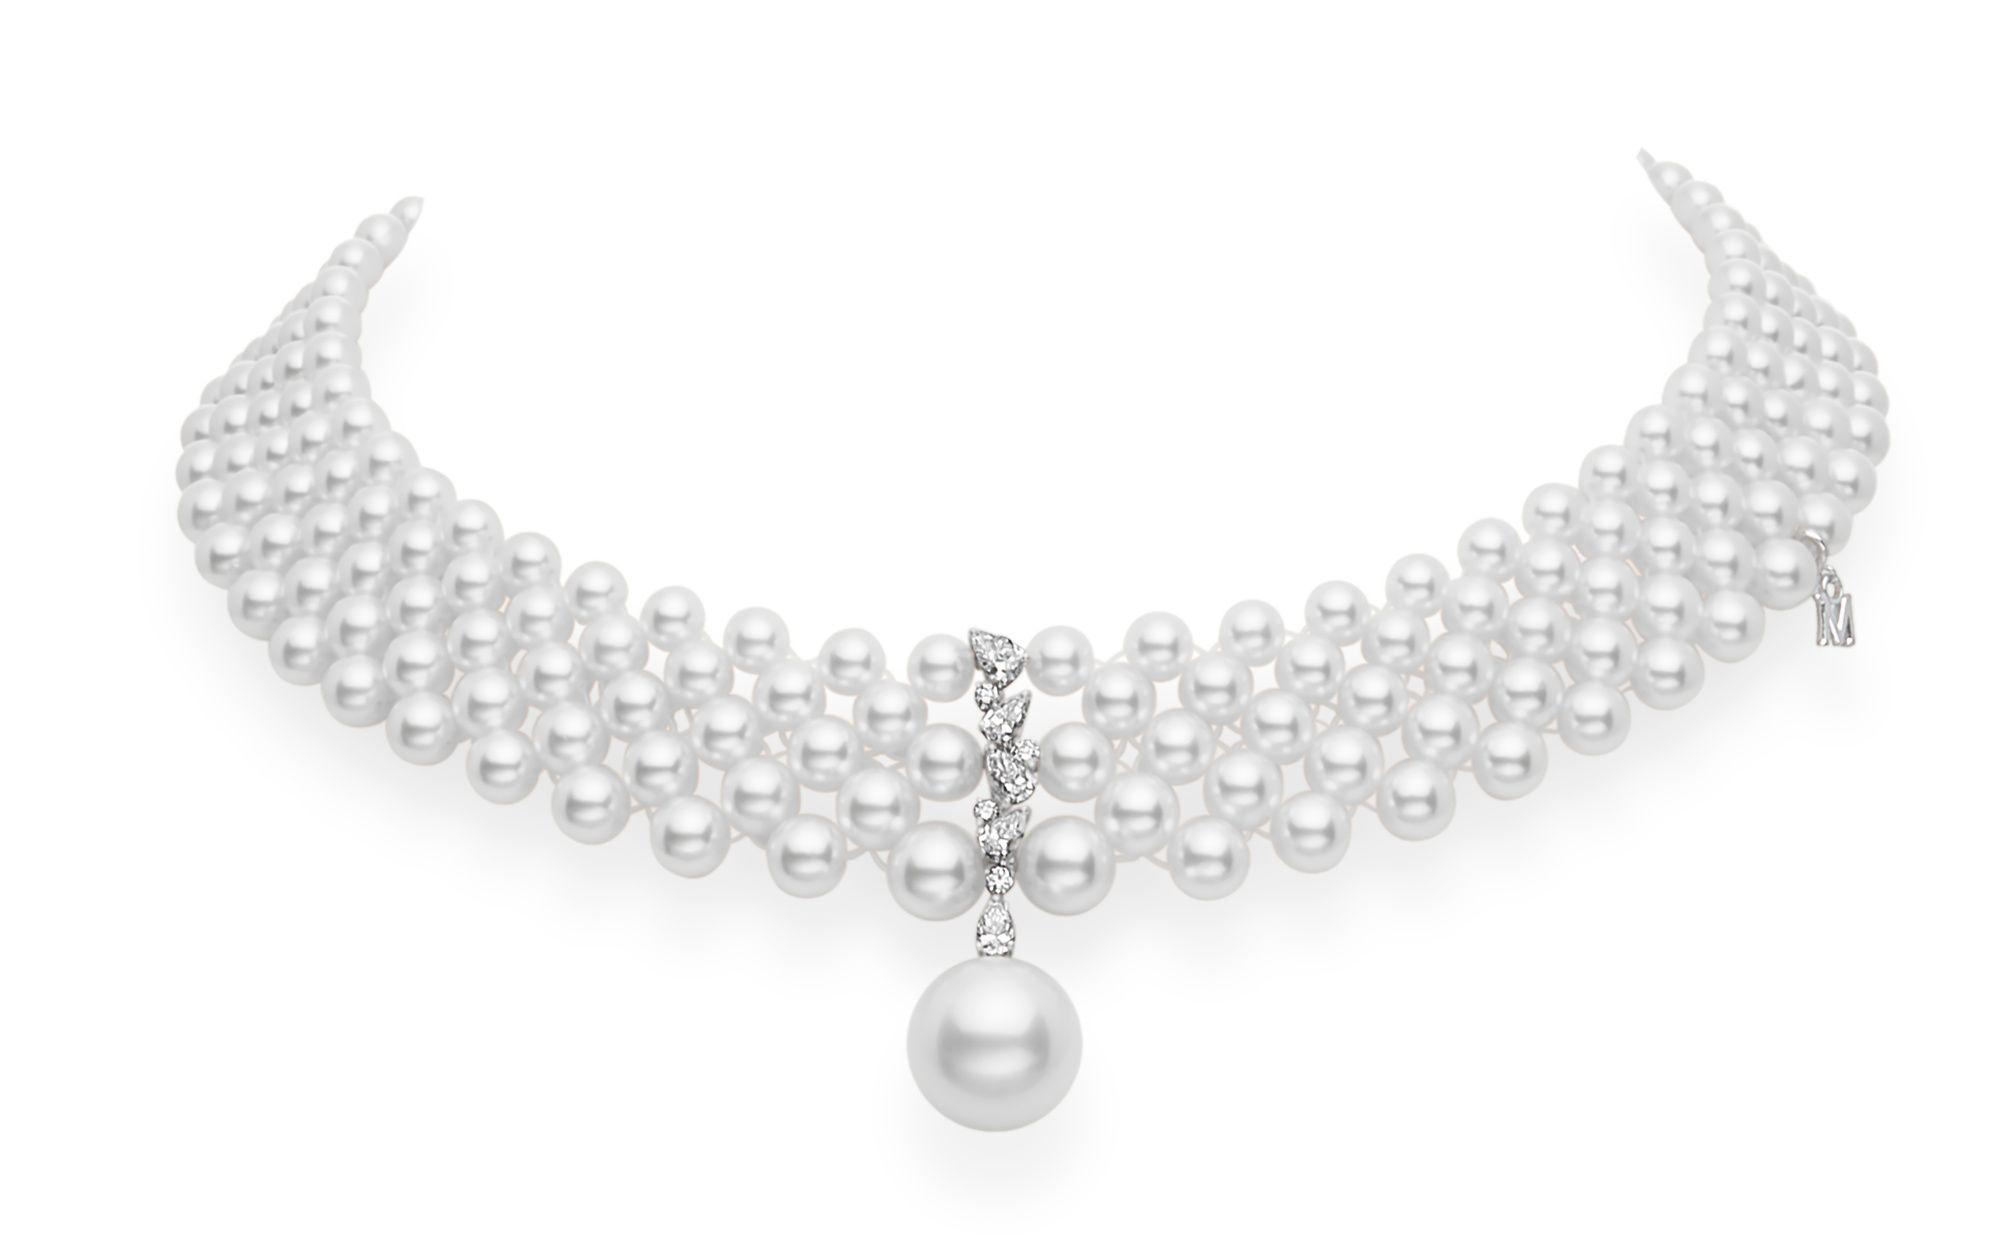 珍珠鑽石頸鍊,參考價格 NT$1,550,000